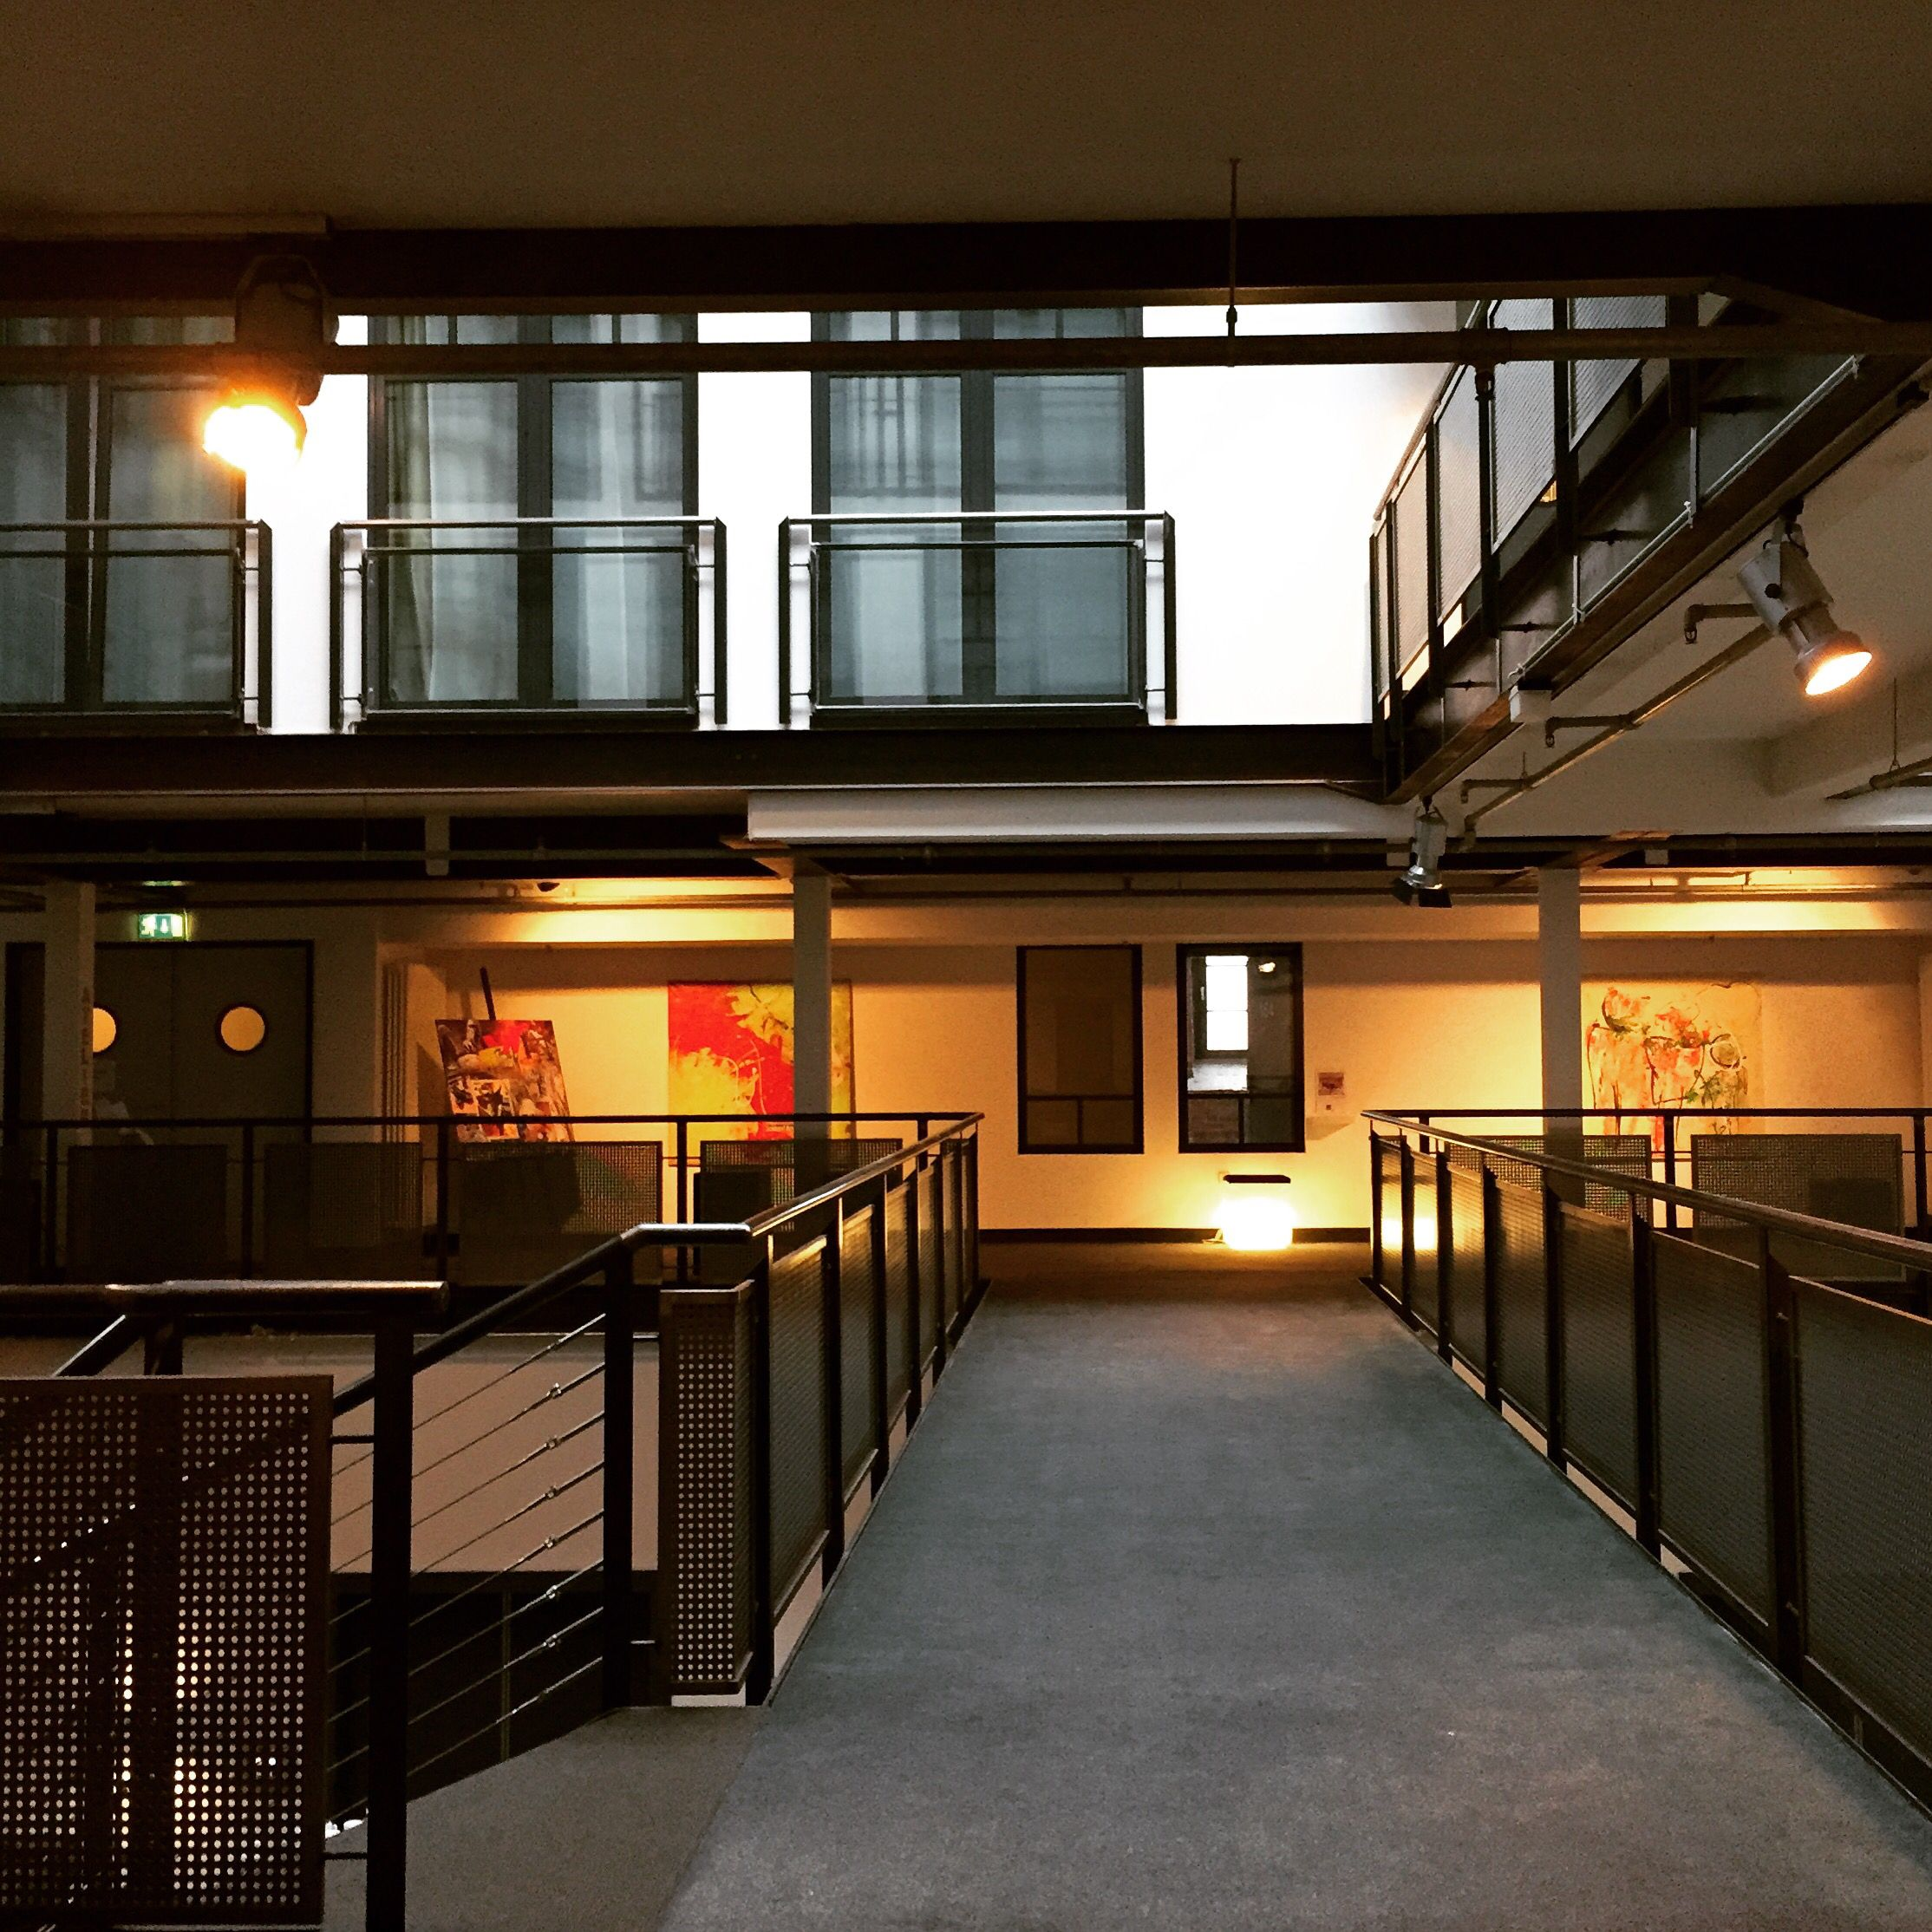 Soviel Platz gönnt sich und vor allem den Gästen heute kaum ein anderes Hotel. Kommt und genießt es, der Platz ist für Euch. #loft #lobby #galerie #DenkMal #artroom #fabrik #factory #industrialdesign #gaswerk #Gastwerk #hotelgastwerk #designhotels #hamburg #altona #bahrenfeld #interiordesign #architektur #modernliving